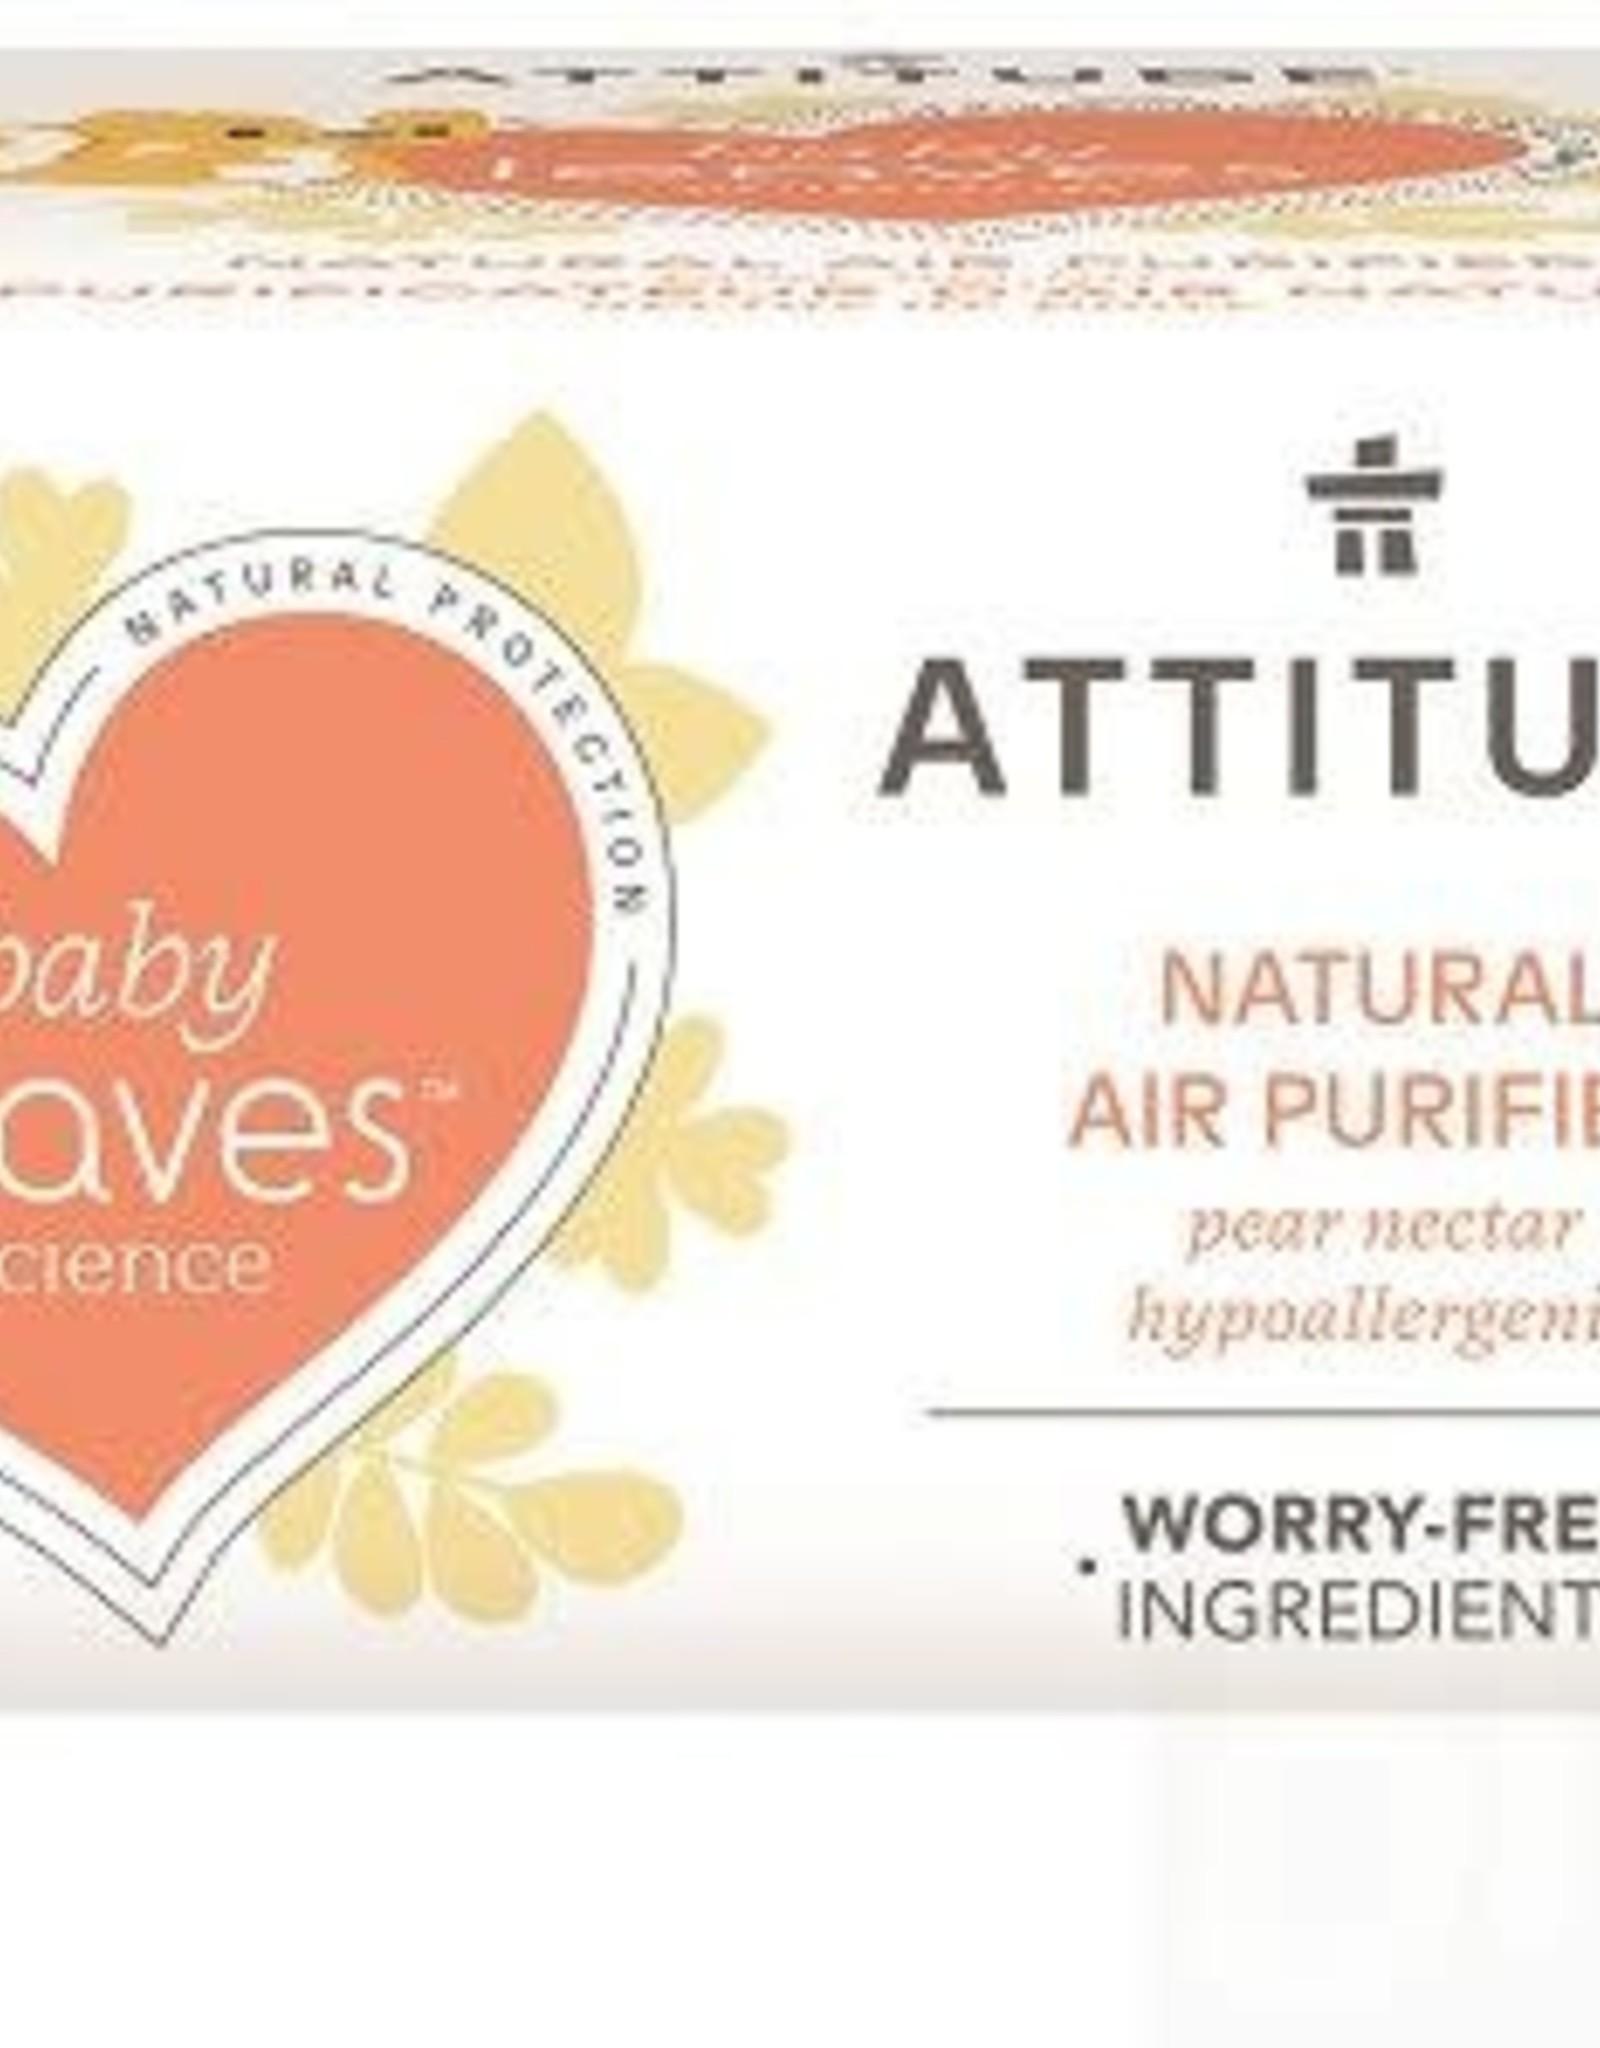 Attitude Baby Leaves - Luchtverfrisser 227g